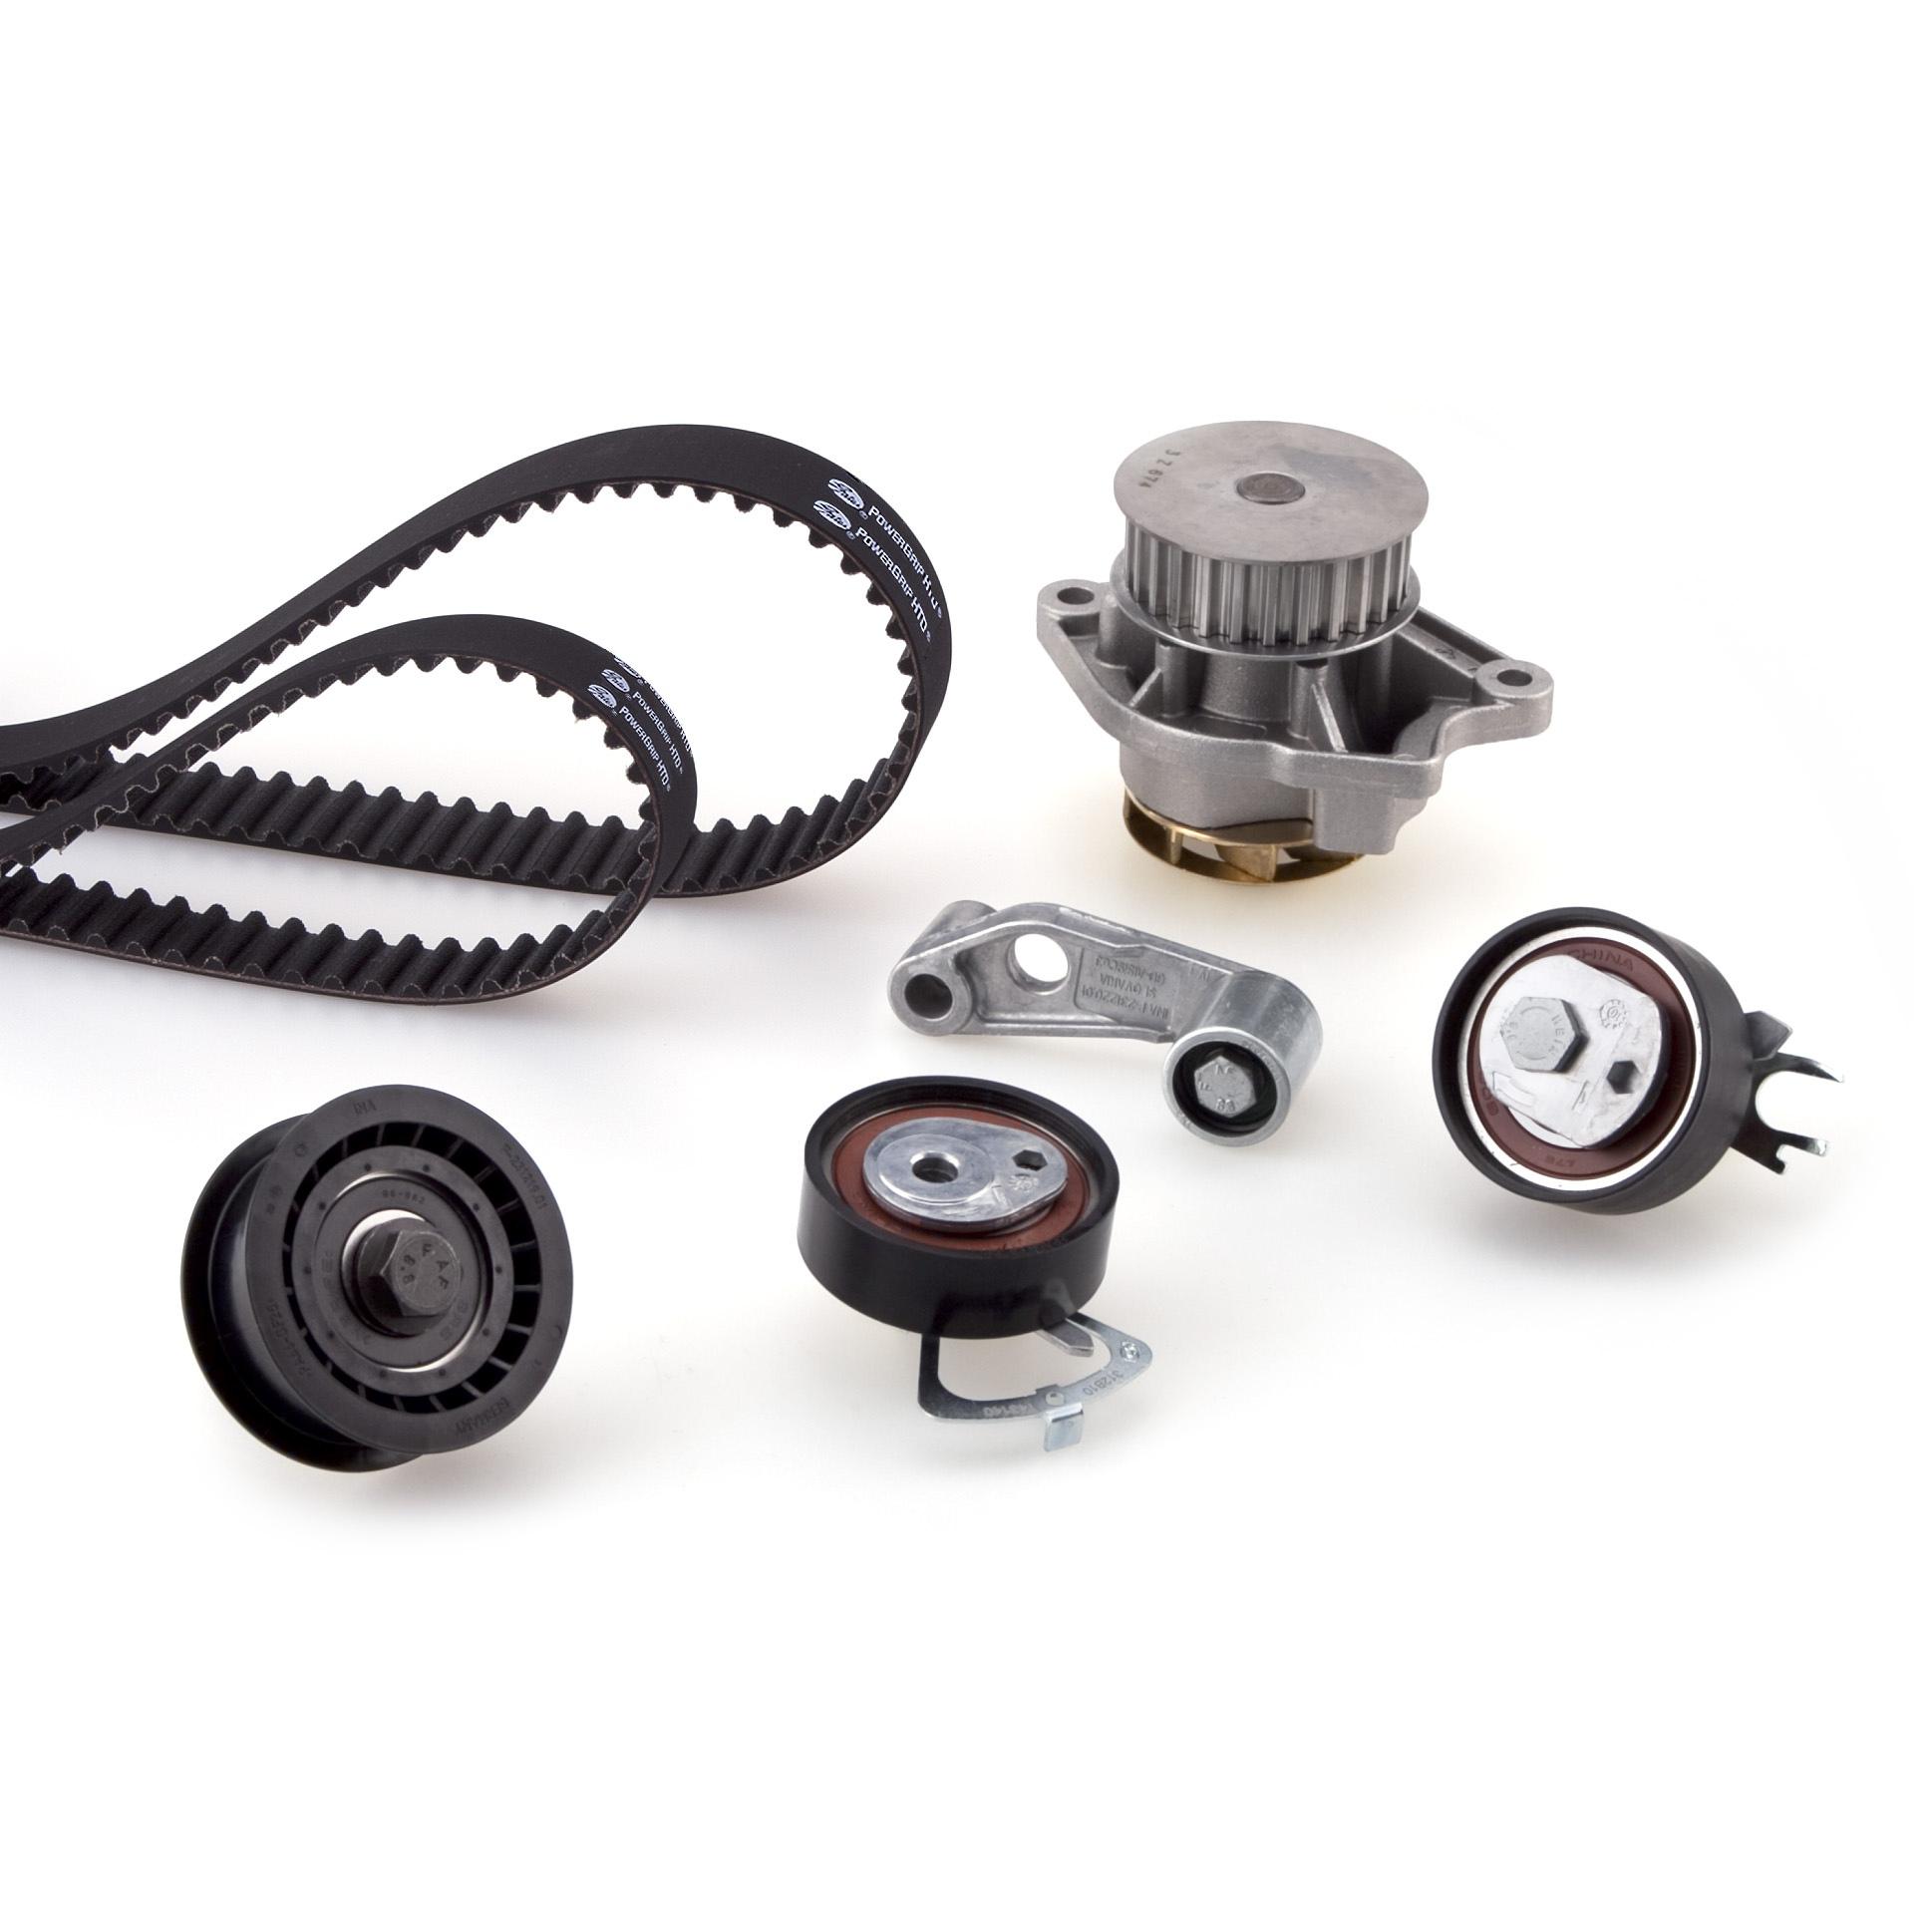 pompe eau kit de courroie de distribution pour volkswagen golf iv 1j1 1 4 16v. Black Bedroom Furniture Sets. Home Design Ideas